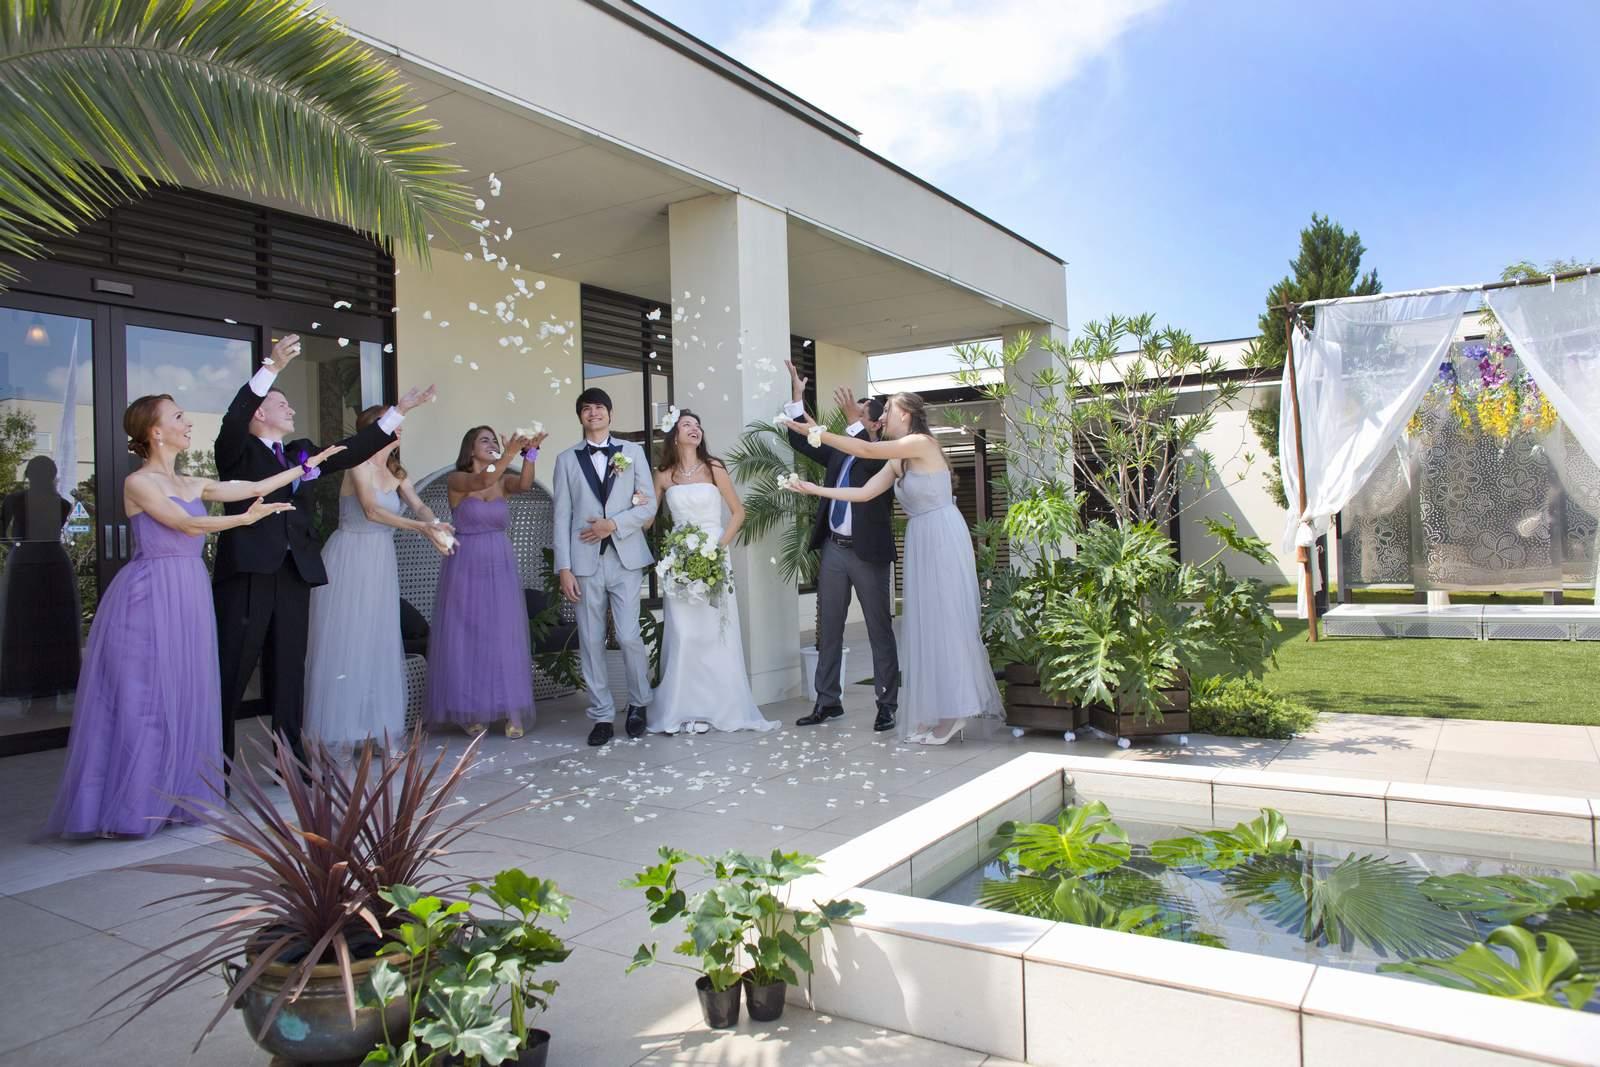 高松市の結婚式場アイルバレクラブのフラワーシャワー